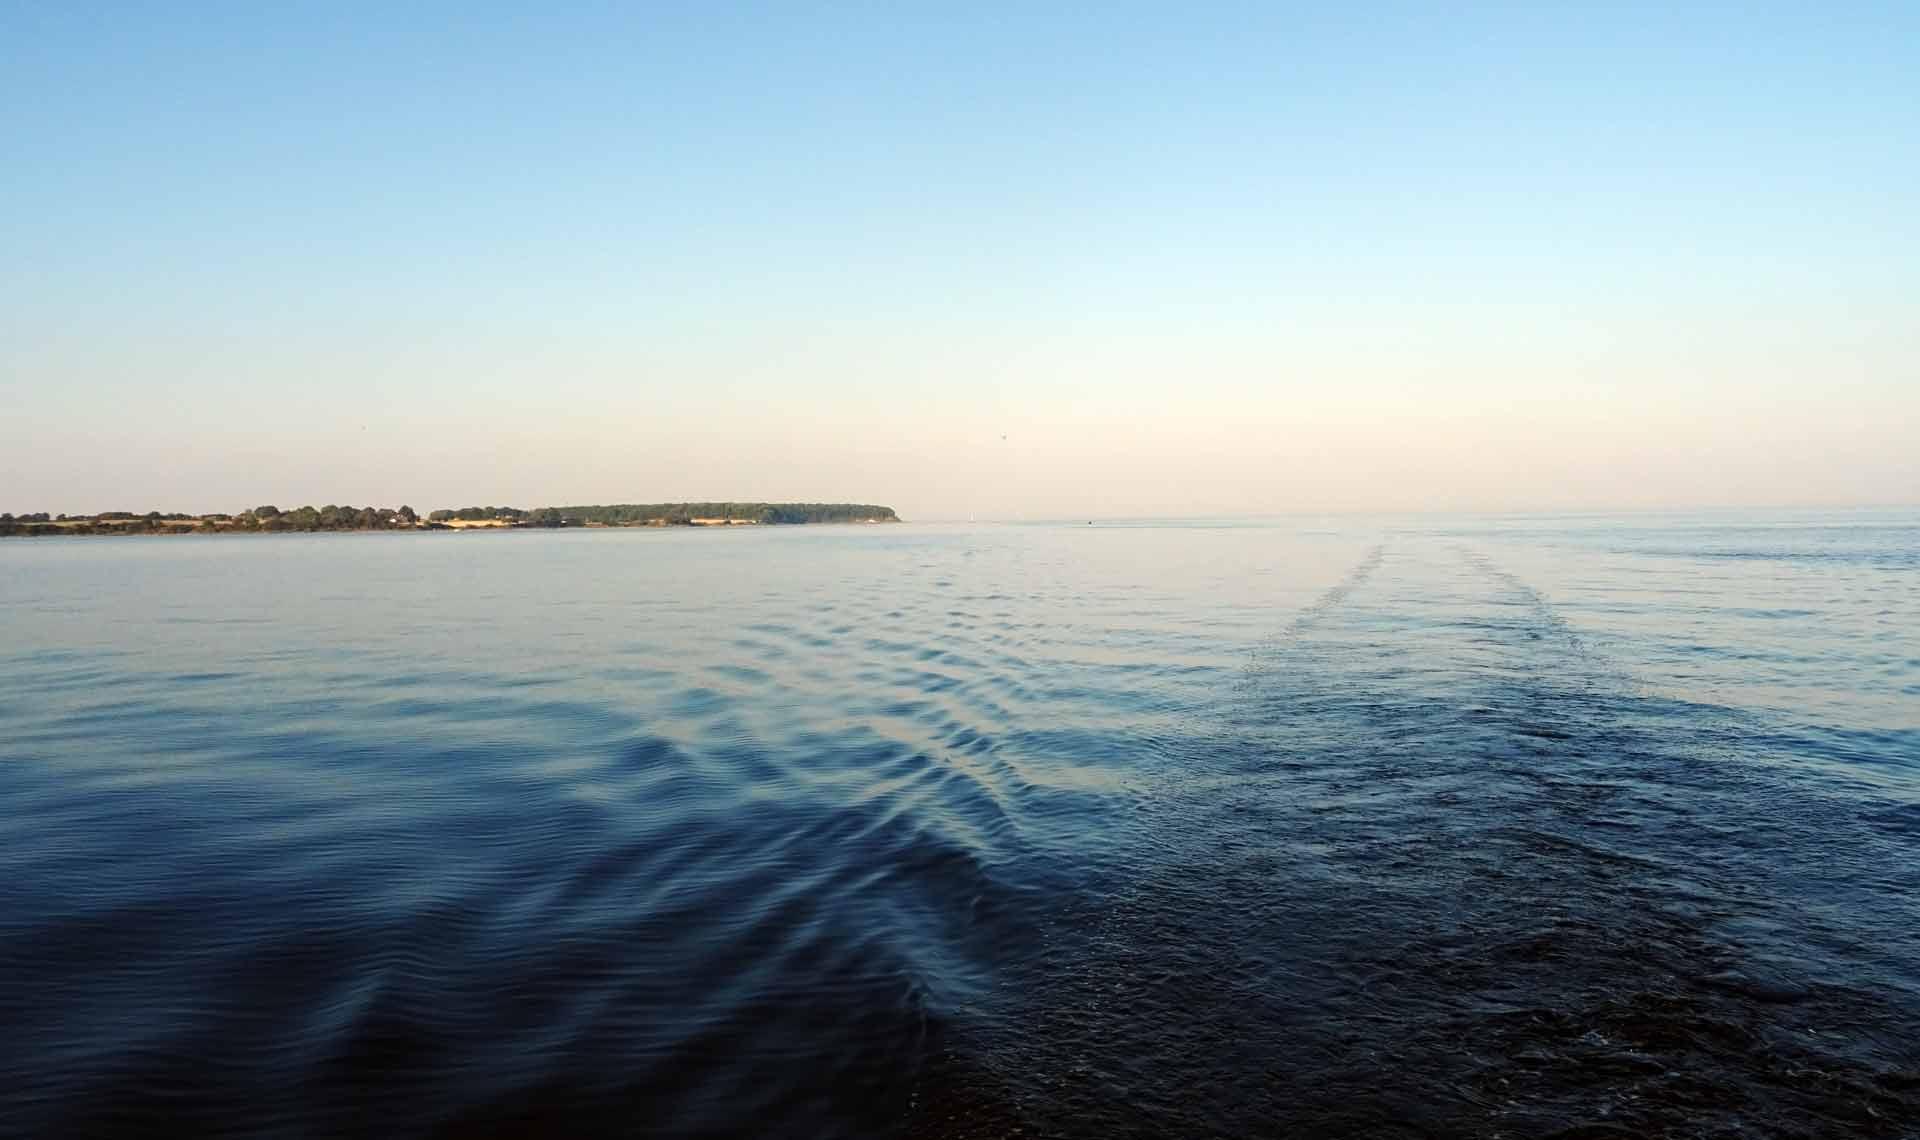 Steaming into Kerteminde Bay